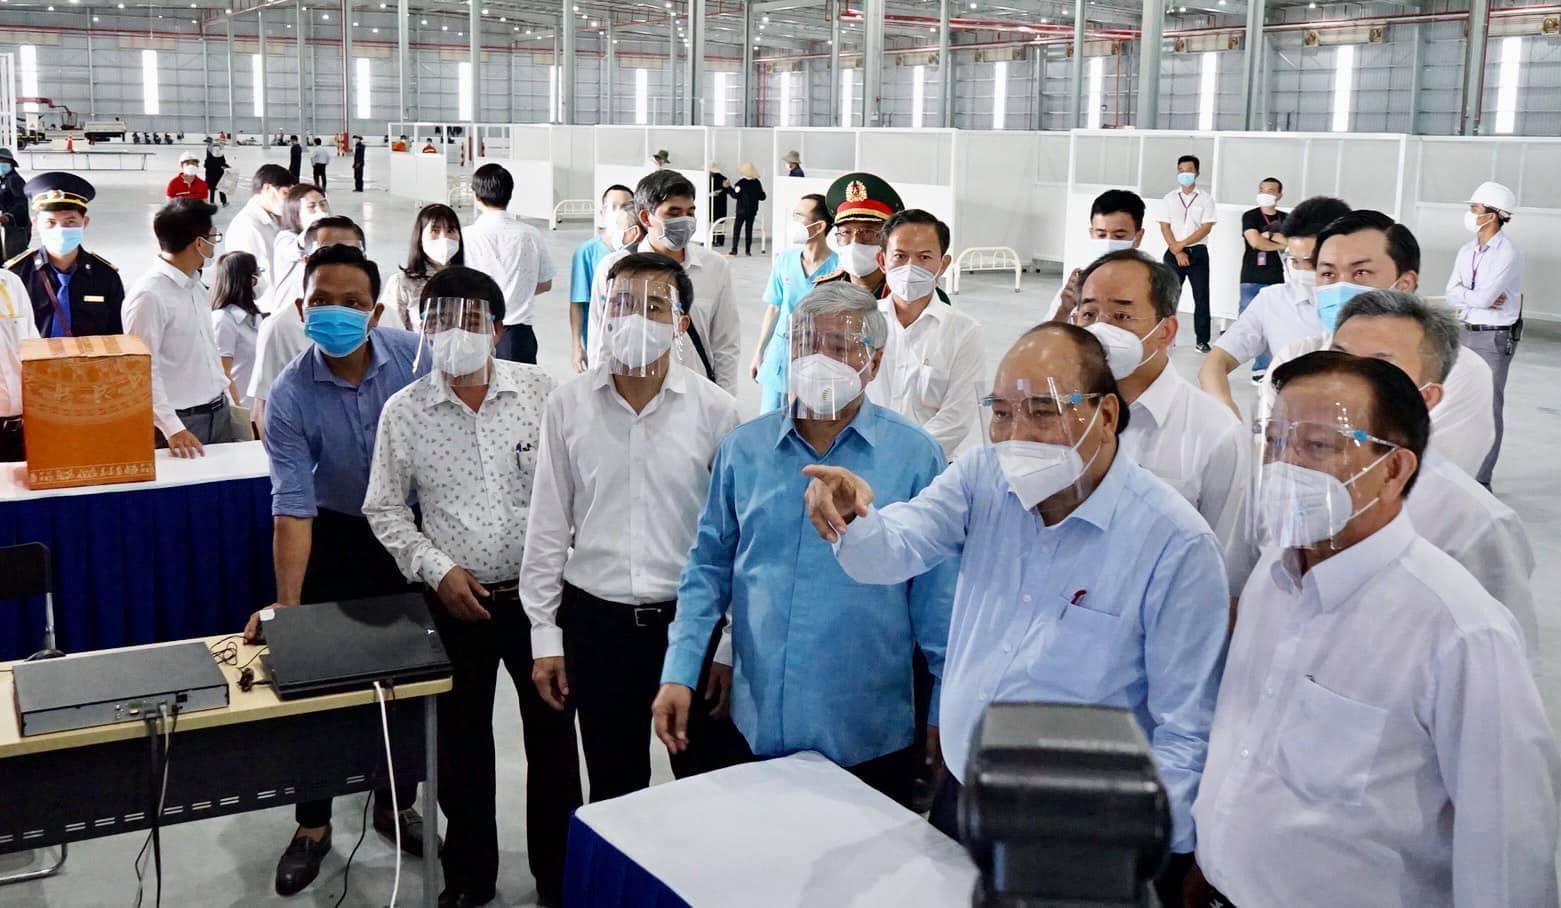 Chủ tịch nước Nguyễn Xuân Phúc thăm, kiểm tra cơ sở vật chất các bệnh viện dã chiến phục vụ công tác phòng chống dịch tại Bình Dương.